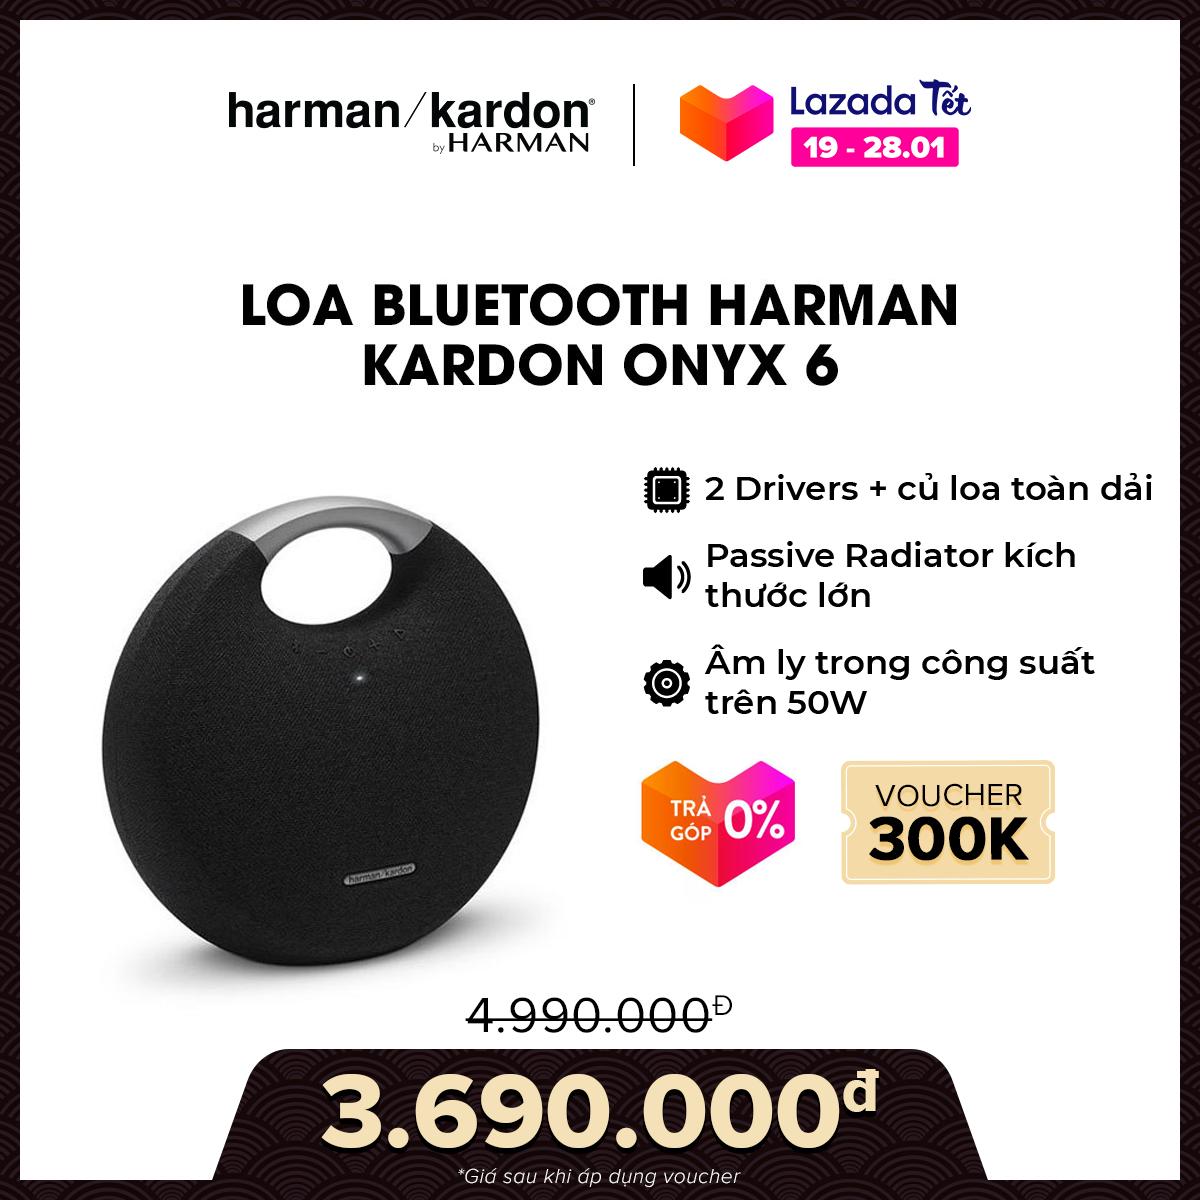 [VOUCHER 300K – TRẢ GÓP 0%] Loa Bluetooth Harman Kardon Onyx 6 l Công suất 50W l 2 Driver kèm củ loa toàn dải l Thời gian nghe nhạc lên đến 8h l HÀNG CHÍNH HÃNG